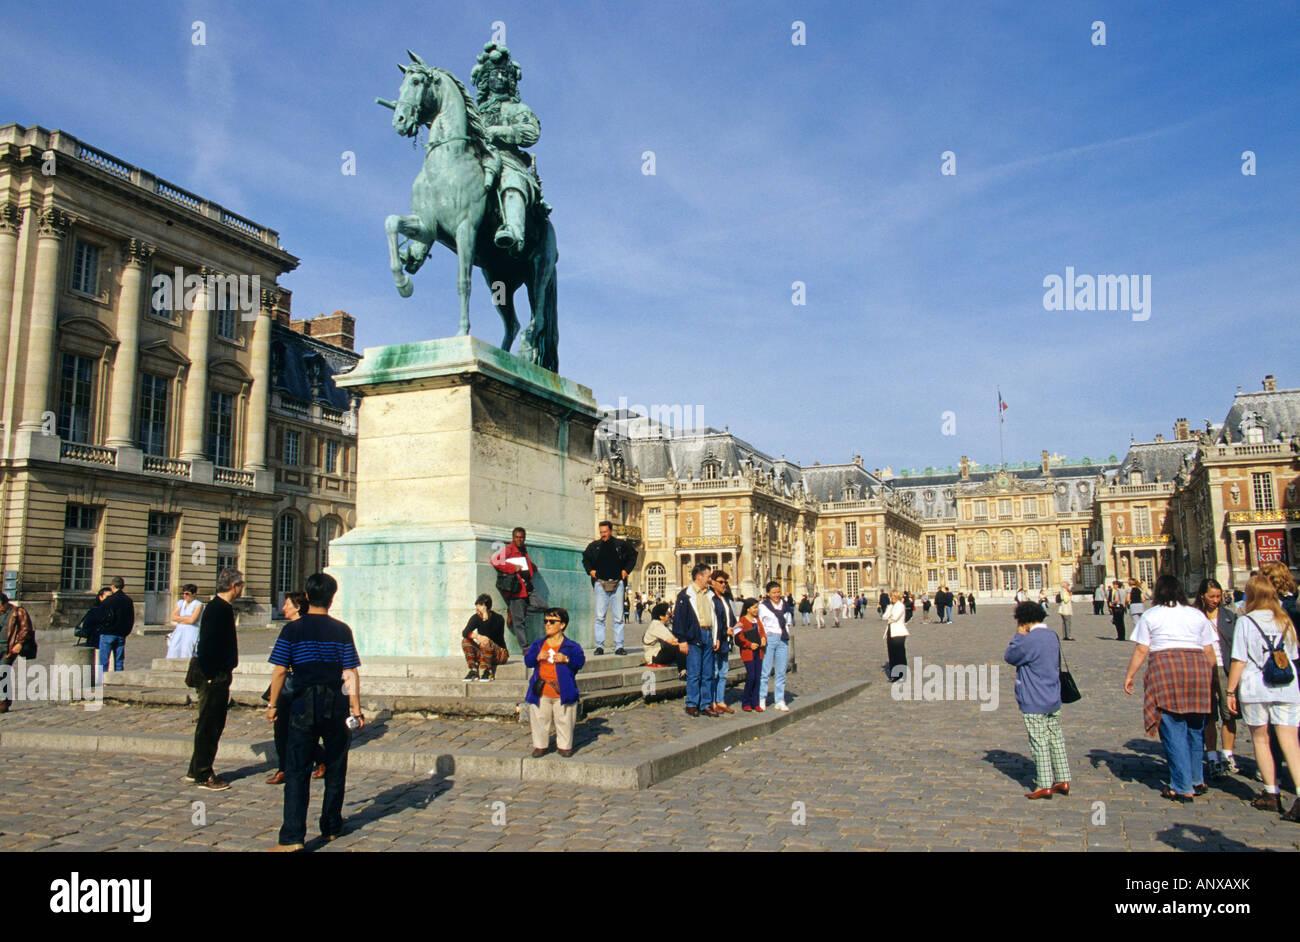 Statue de Louis XIV au château de Versailles, France Banque D'Images